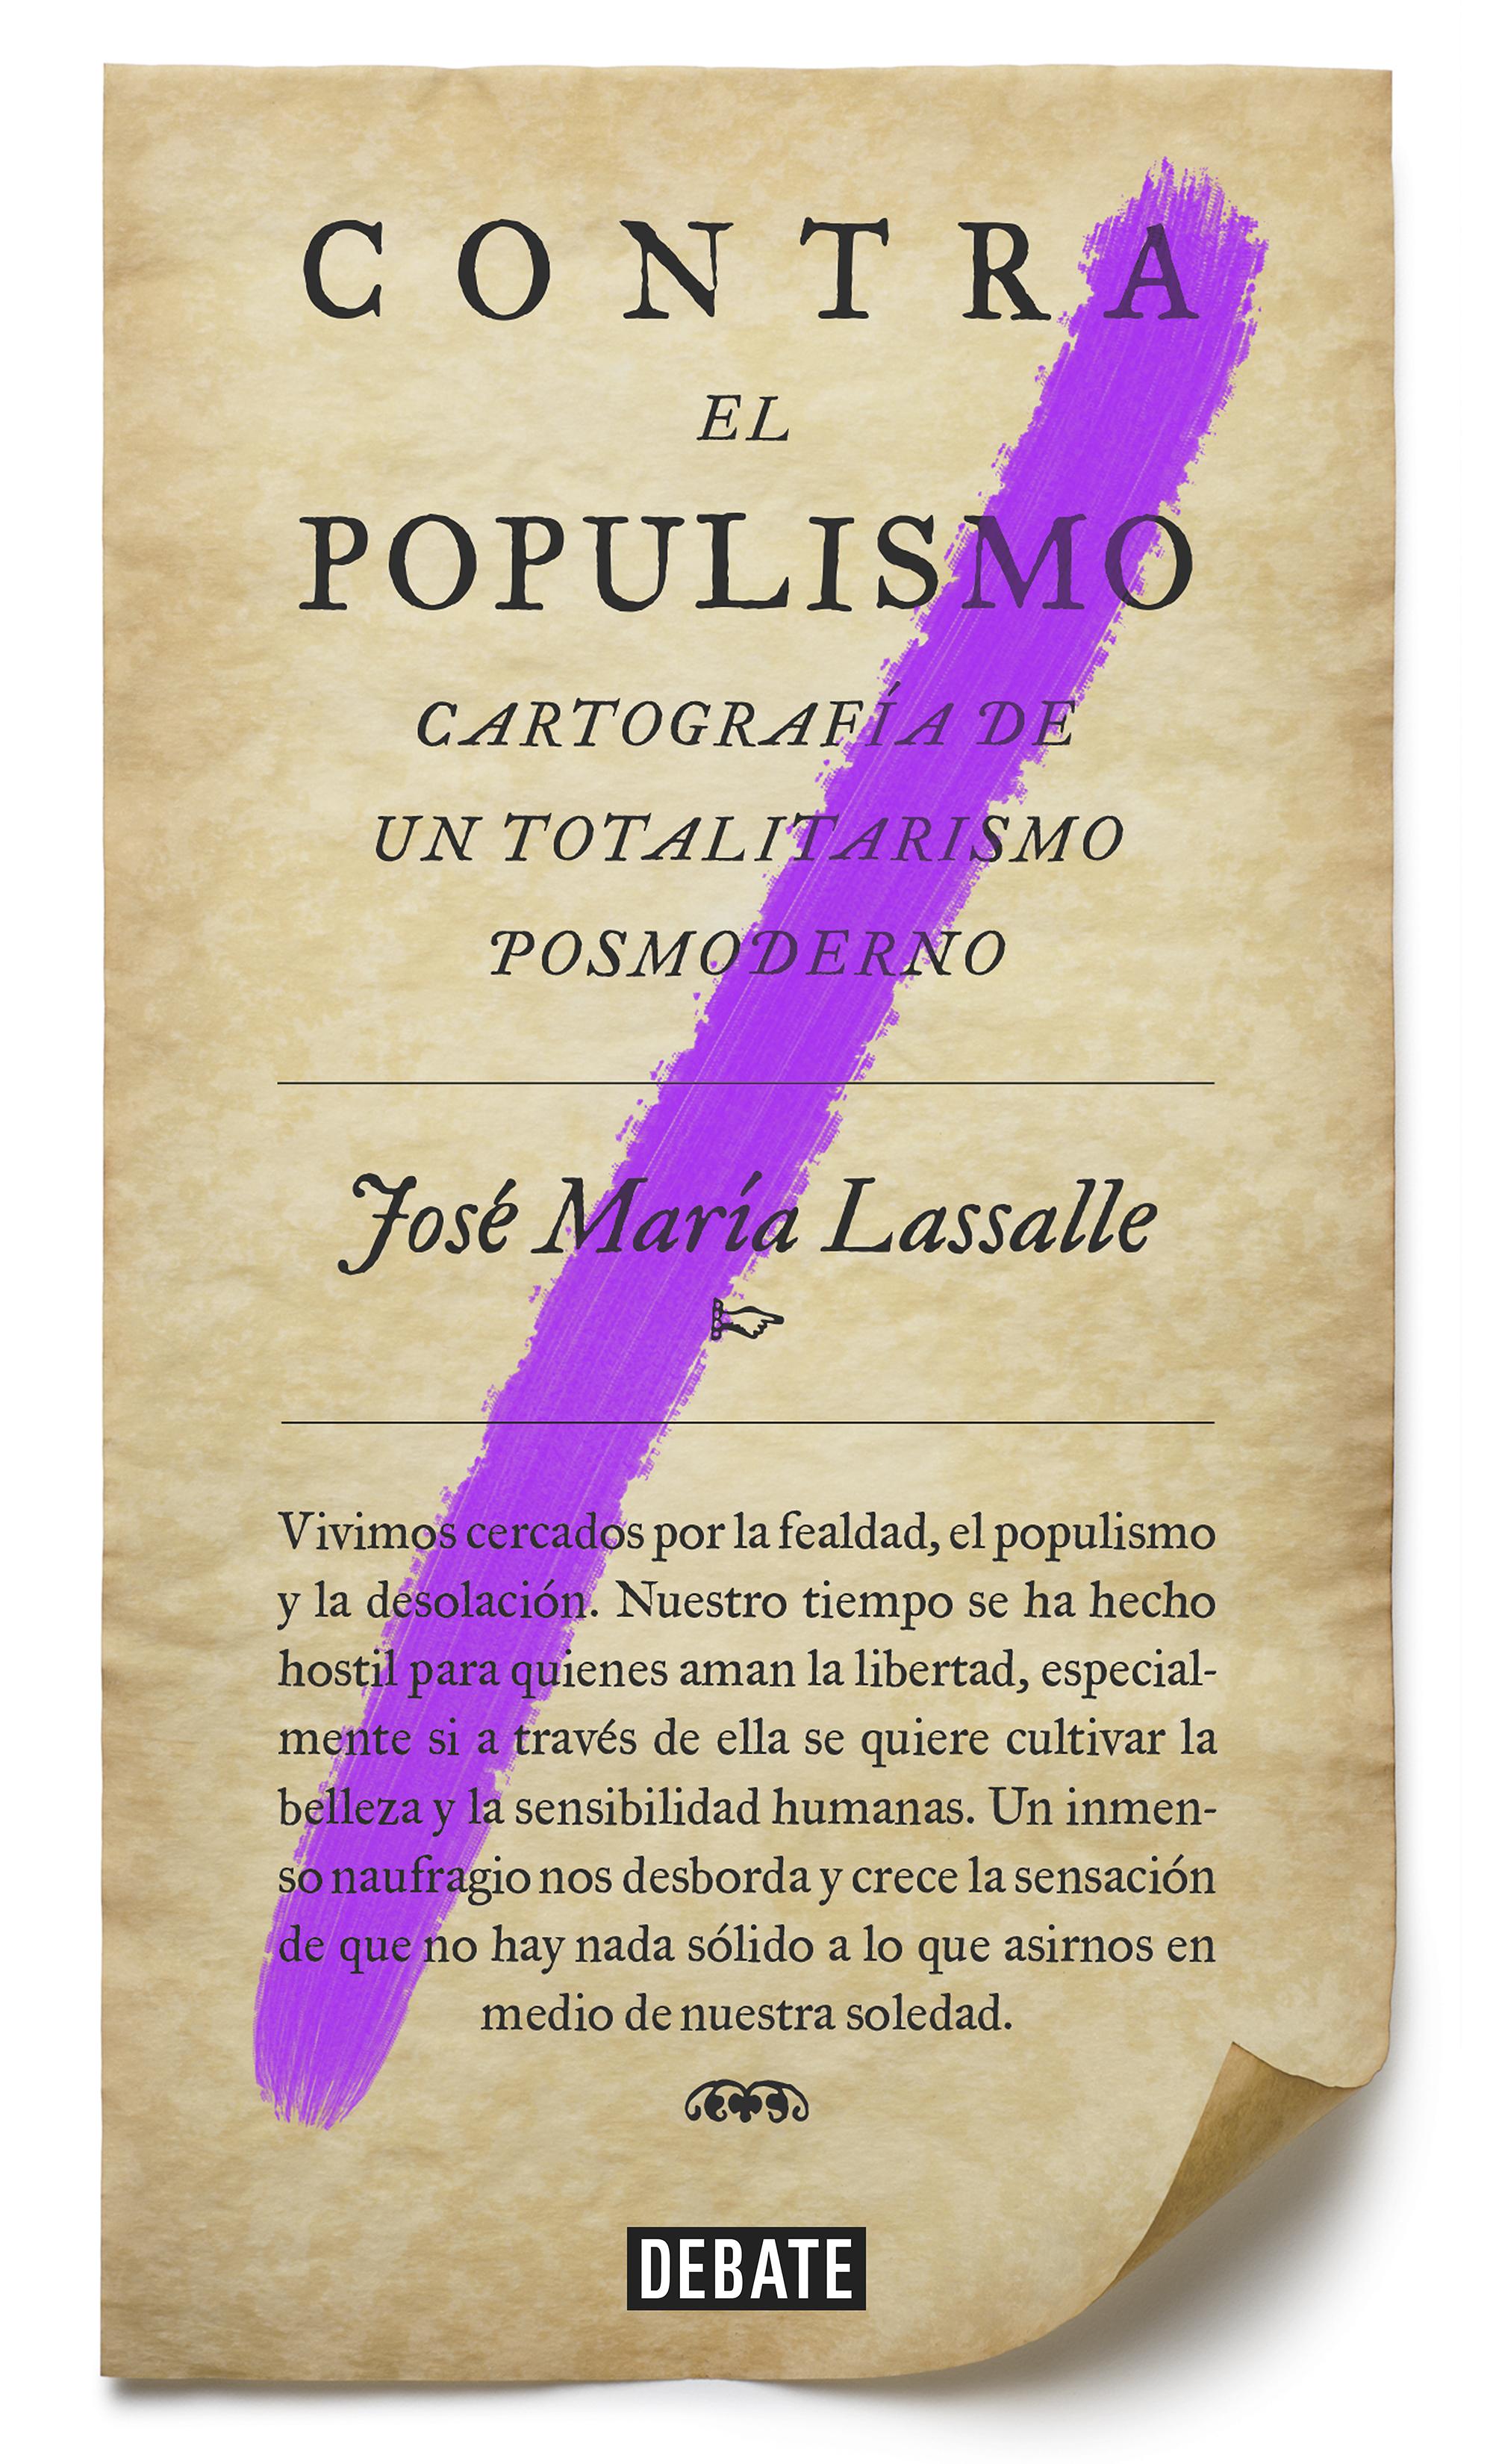 contra_populismo_jose_maria_lassalle